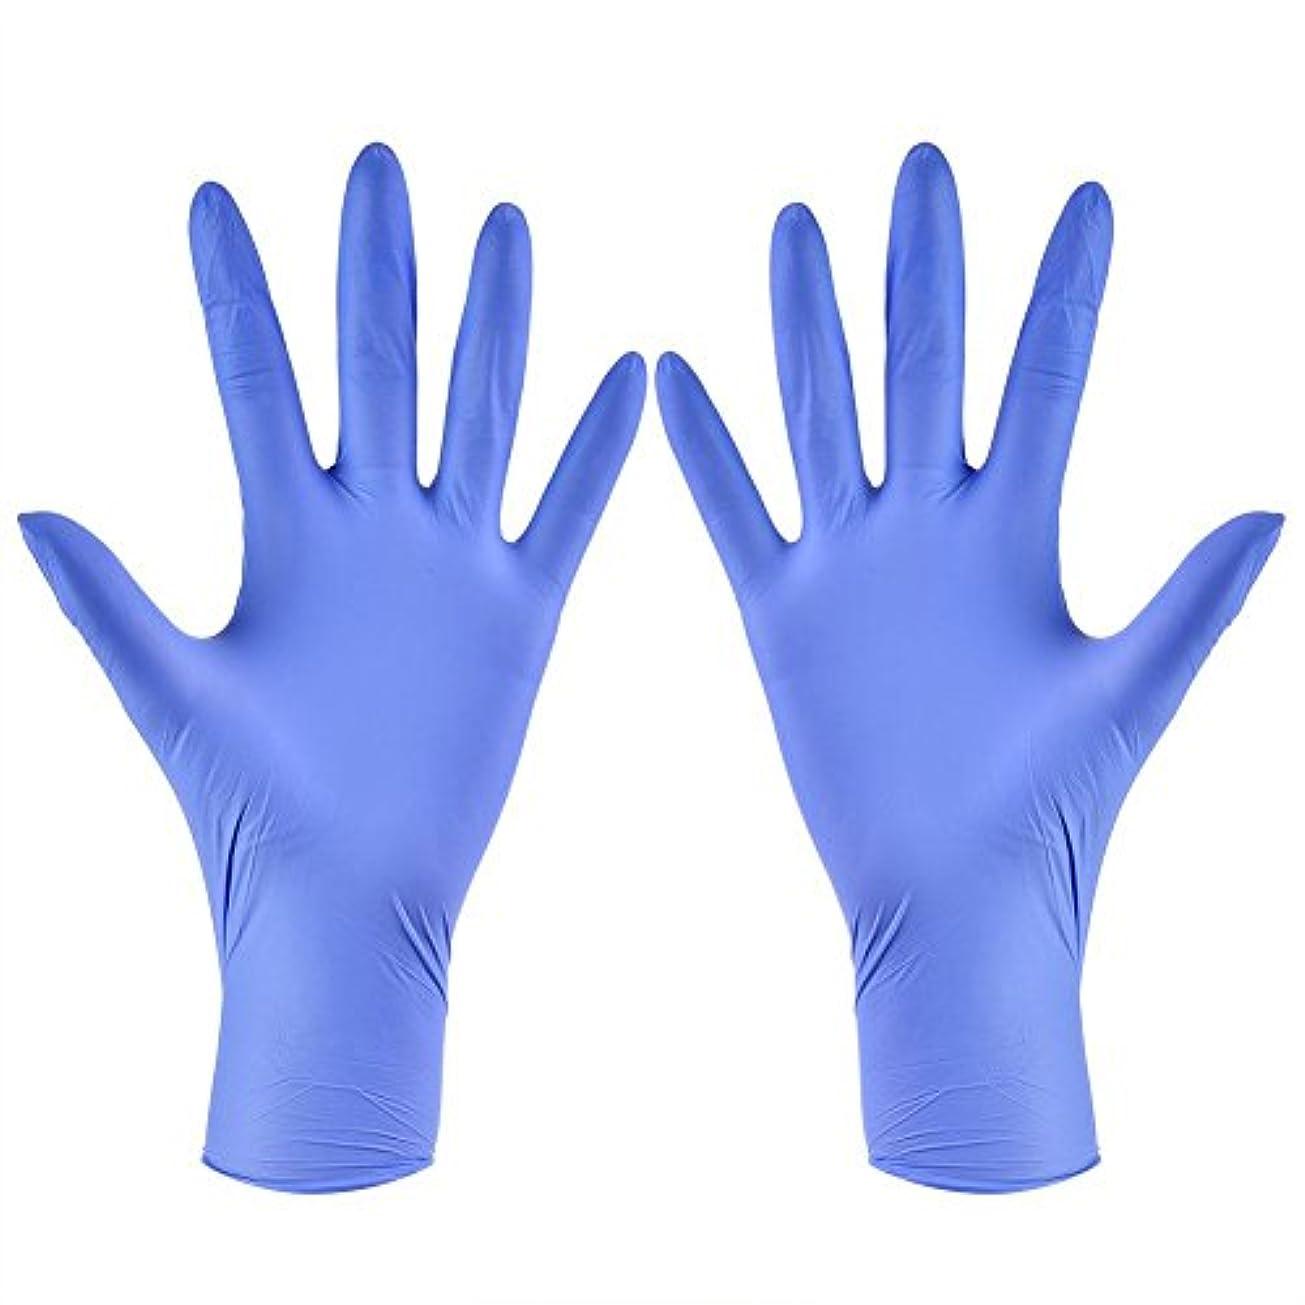 壁リスキーな再生可能使い捨て手袋 ニトリルグローブ ホワイト 粉なし タトゥー/歯科/病院/研究室に適応 S/M/L/XL選択可 100枚 左右兼用(XL)